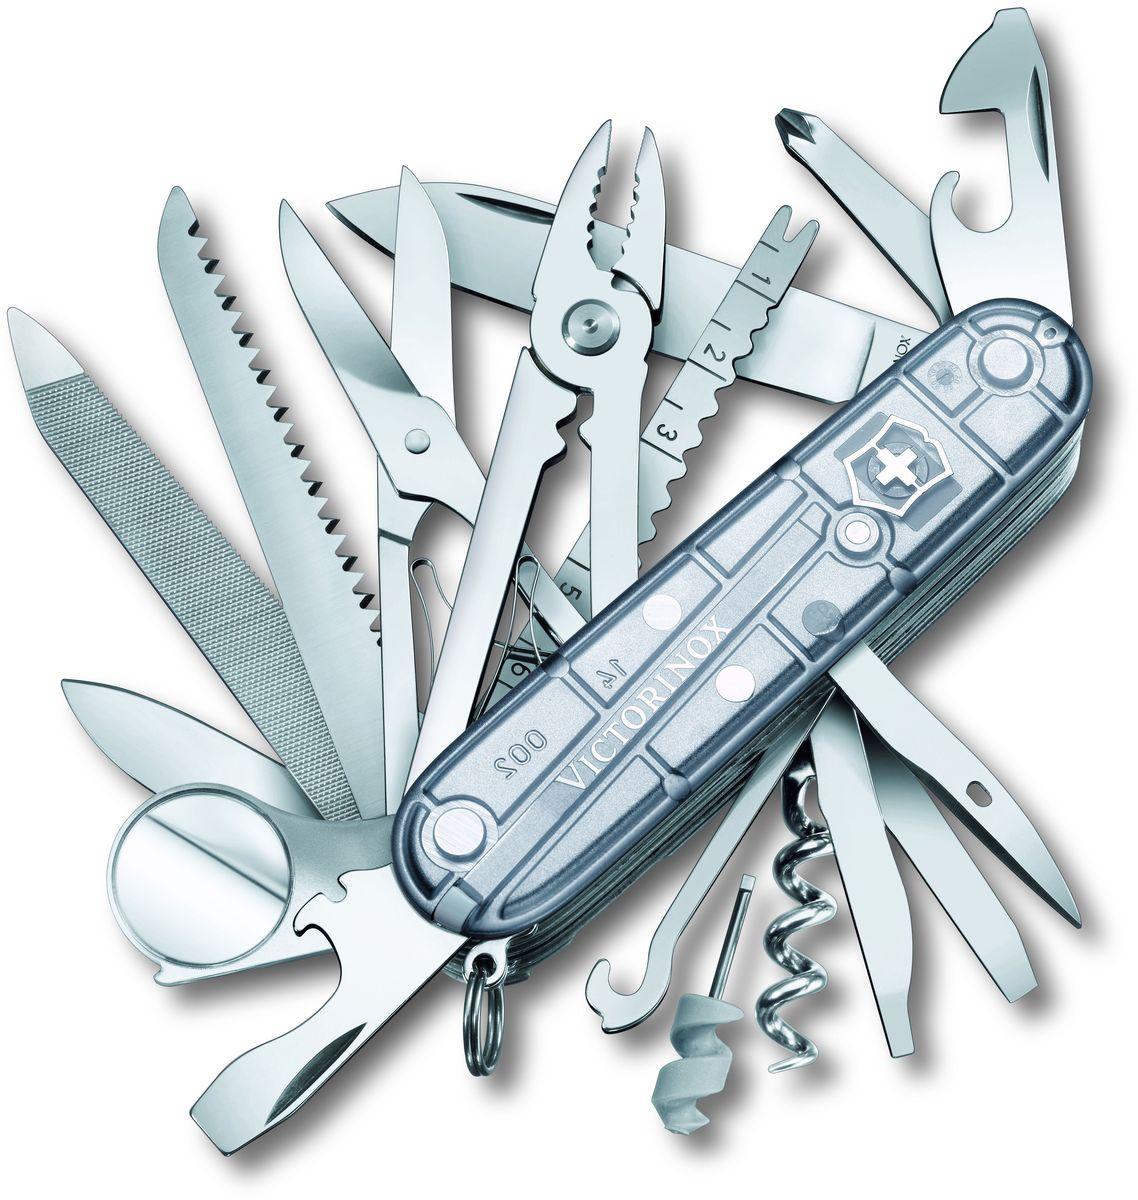 Нож перочинный Victorinox Swiss Champ, 33 функции, цвет: прозрачный, длина клинка 68 мм1.6794.T7Маленький красный карманный нож с эмблемой креста на щите на рукояти — самый узнаваемый символ компании Victorinox.В 1897 году основатель компани Карл Эльзенер разработал первый «Швейцарский армейский нож».Более 130 лет компания Victorinox разрабатывает продукты,которые не просто уникальны по дизайну и качеству,но и способны стать верными спутниками по жизни как для великих,так и для небольших приключений. VICTORINOXАрт. 1.6794.T7Швейцарский армейский нож SWISSCHAMP имеет 33 функции:1. Большое лезвие2. Малое лезвие3. Штопор4. Консервный нож с:5. – Малой отвёрткой6. Открывалка для бутылок с:7. – Отвёрткой8. – Инструментом для снятия изоляции9. Шило, кернер10. Кольцо для ключей11. Пинцет12. Зубочистка13. Ножницы14. Многофункциональный крючок15. Пила по дереву16. Инструмент для чистки рыбы с:17. – Инструментом для извлечения рыболовного крючка18. – Линейкой (сантиметры)19. – Линейкой (дюймы)20. Пилка для ногтей с:21. – Напильником по металлу22. – Инструментом по уходу за ногтями23. – Пилой по металлу24. Тонкая отвёртка25. Стамеска26. Плоскогубцы с:27. – Кусачками для проводов28. – Инструментом для обжима проводов29. Крестовая отвёртка30. Лупа31. Шариковая ручка32. Булавка из нержавеющей стали33. Мини-отвёрткаЦвет рукояти: полупрозрачный серебристыйРекомендуемые чехлы: 4.0545.3, 4.0481.1, 4.0481.3, 4.0521.1, 4.0521.3, 4.0521.31, 4.0521.32, 4.0740Рекомендуемые аксессуары:Инструмент для заточки: 4.3311, 4.3323, 4.0567.32Держатели на ремень: 4.1853, 4.1858, 4.1859, 4.1860Цепочки длинные: 4.1813, 4.1814, 4.1815Цепочки короткие: 4.1820Комбинированные цепочки: 4.1854Шнурок с карабином: 4.1879Масло смазочное: 4.3301